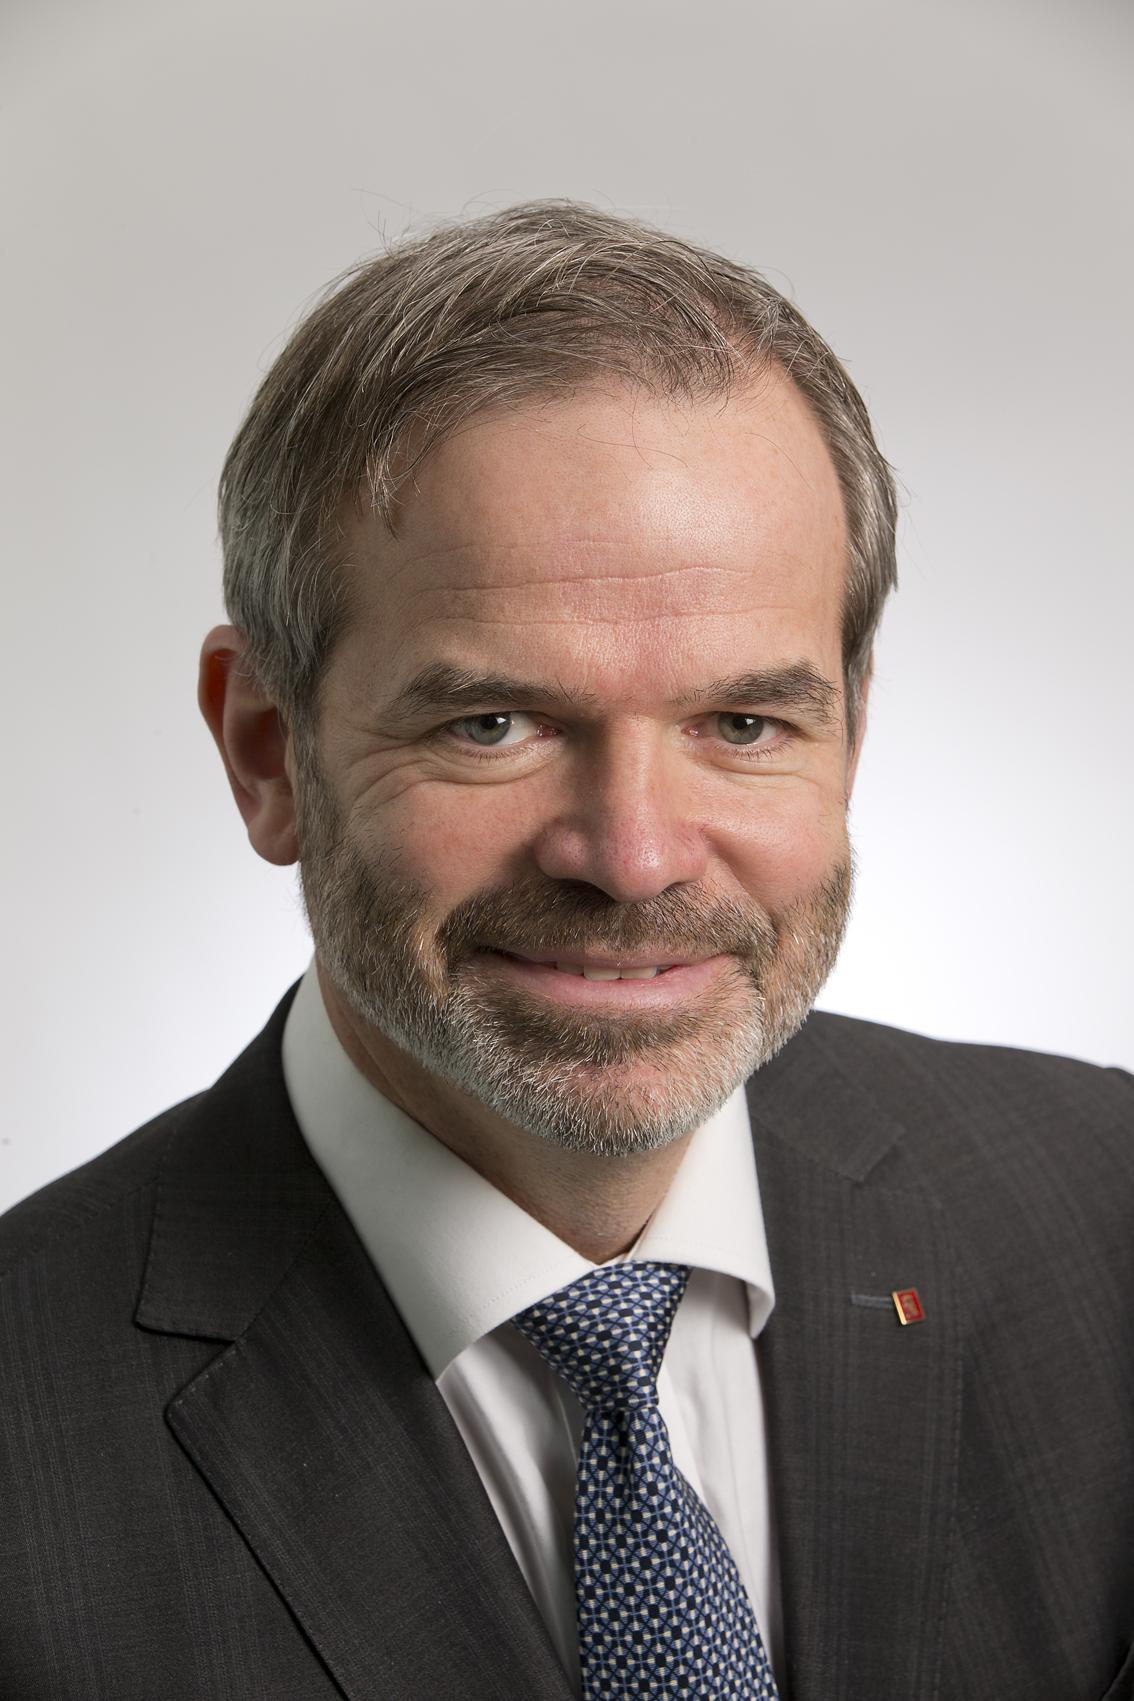 Christian Hauglie Hanssen